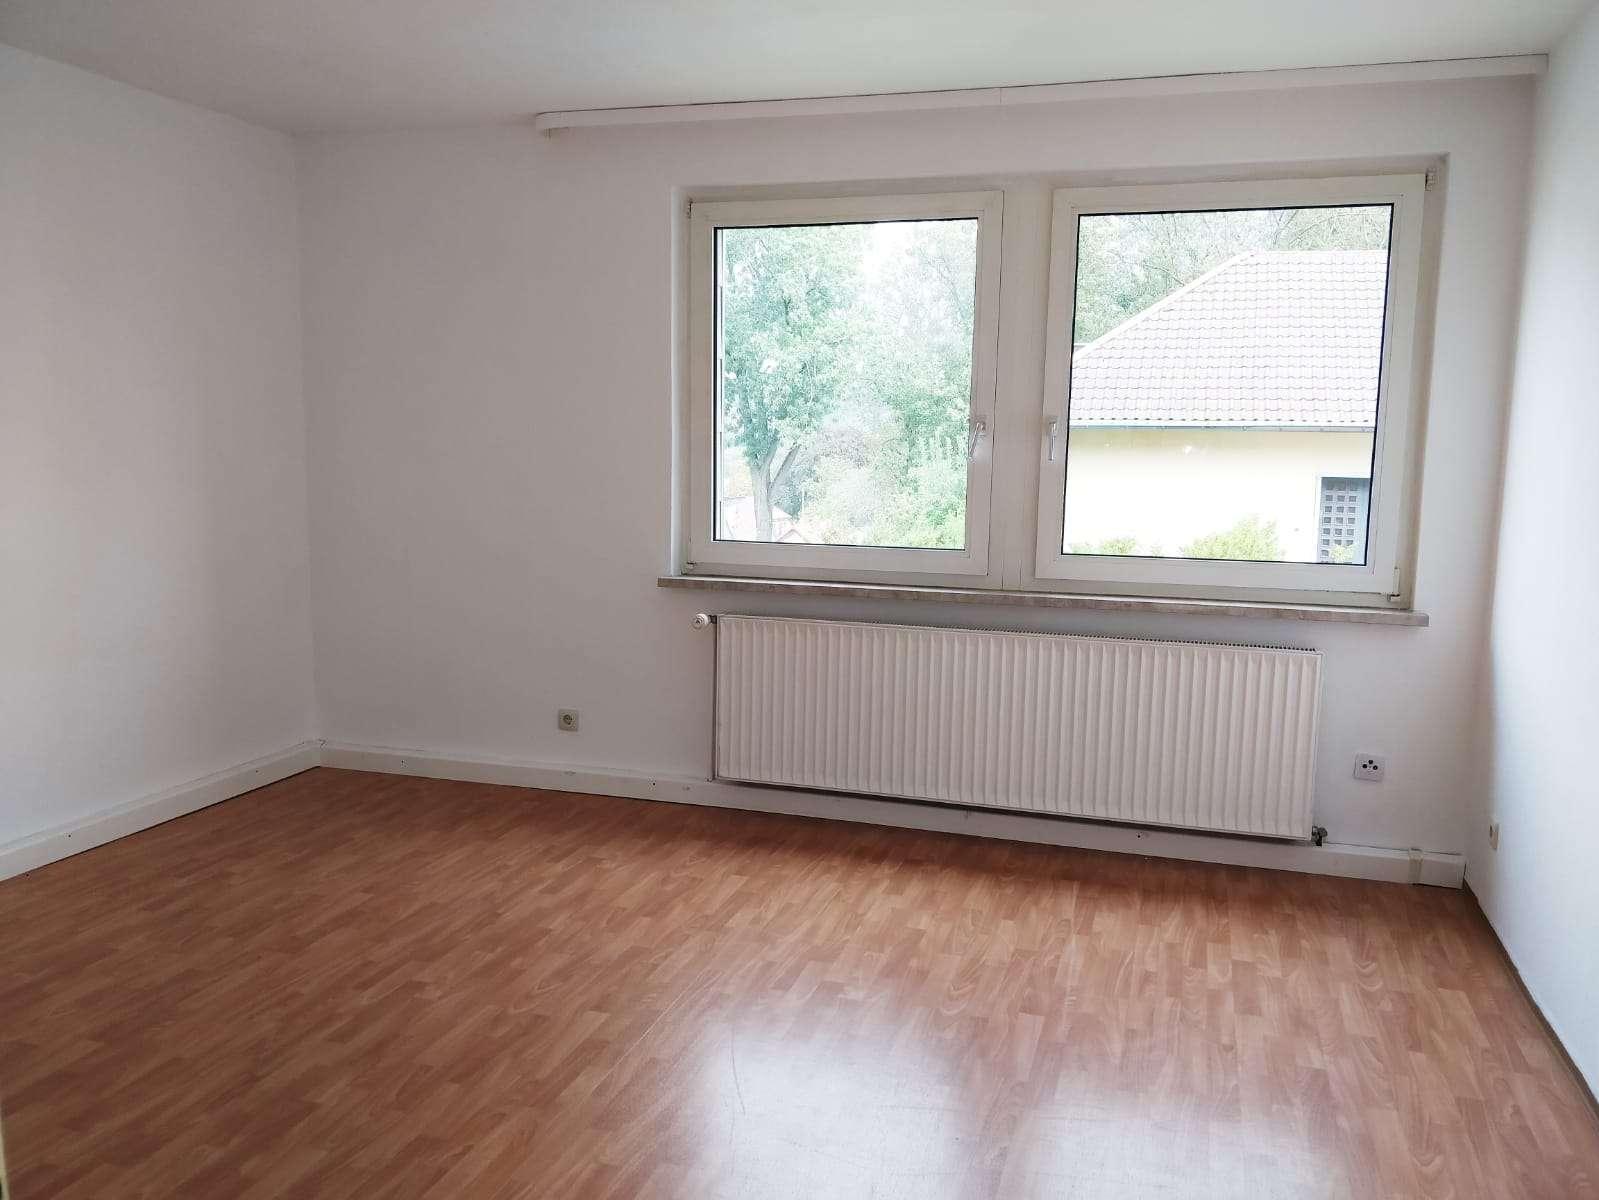 helle 3-Zimmer Wohnung in ruhiger Lage am Marschberg in Coburg-Zentrum (Coburg)